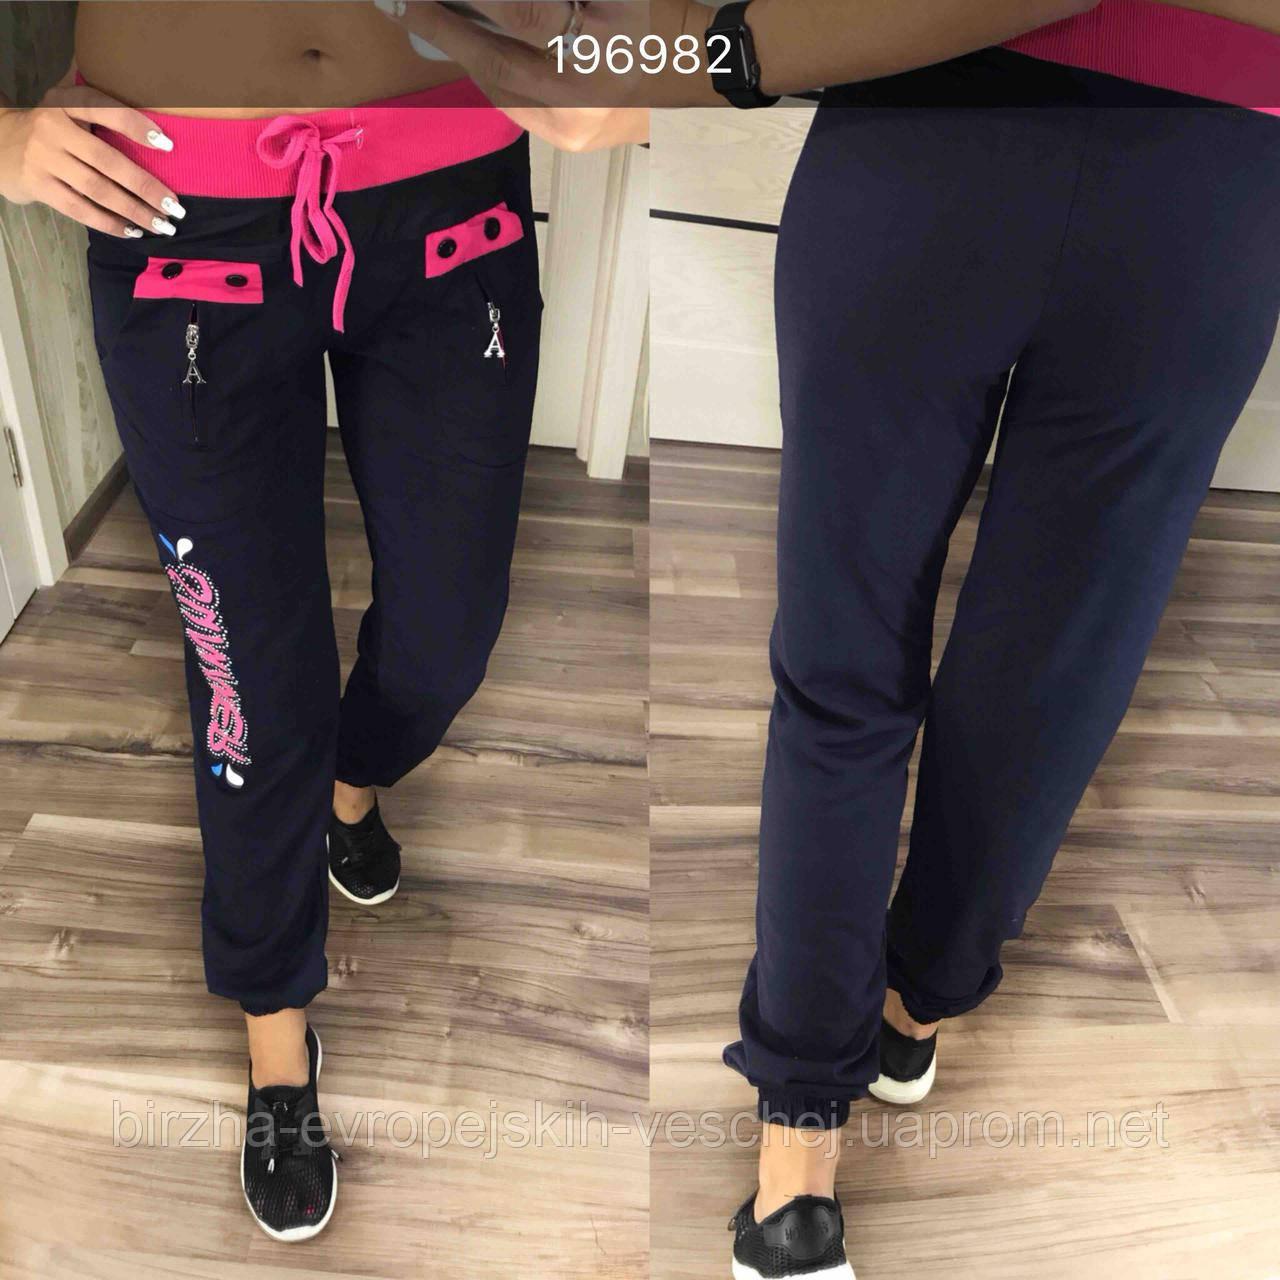 51b8aed8 Заказывайте Женские спортивные штаны оптом у надежного поставщика